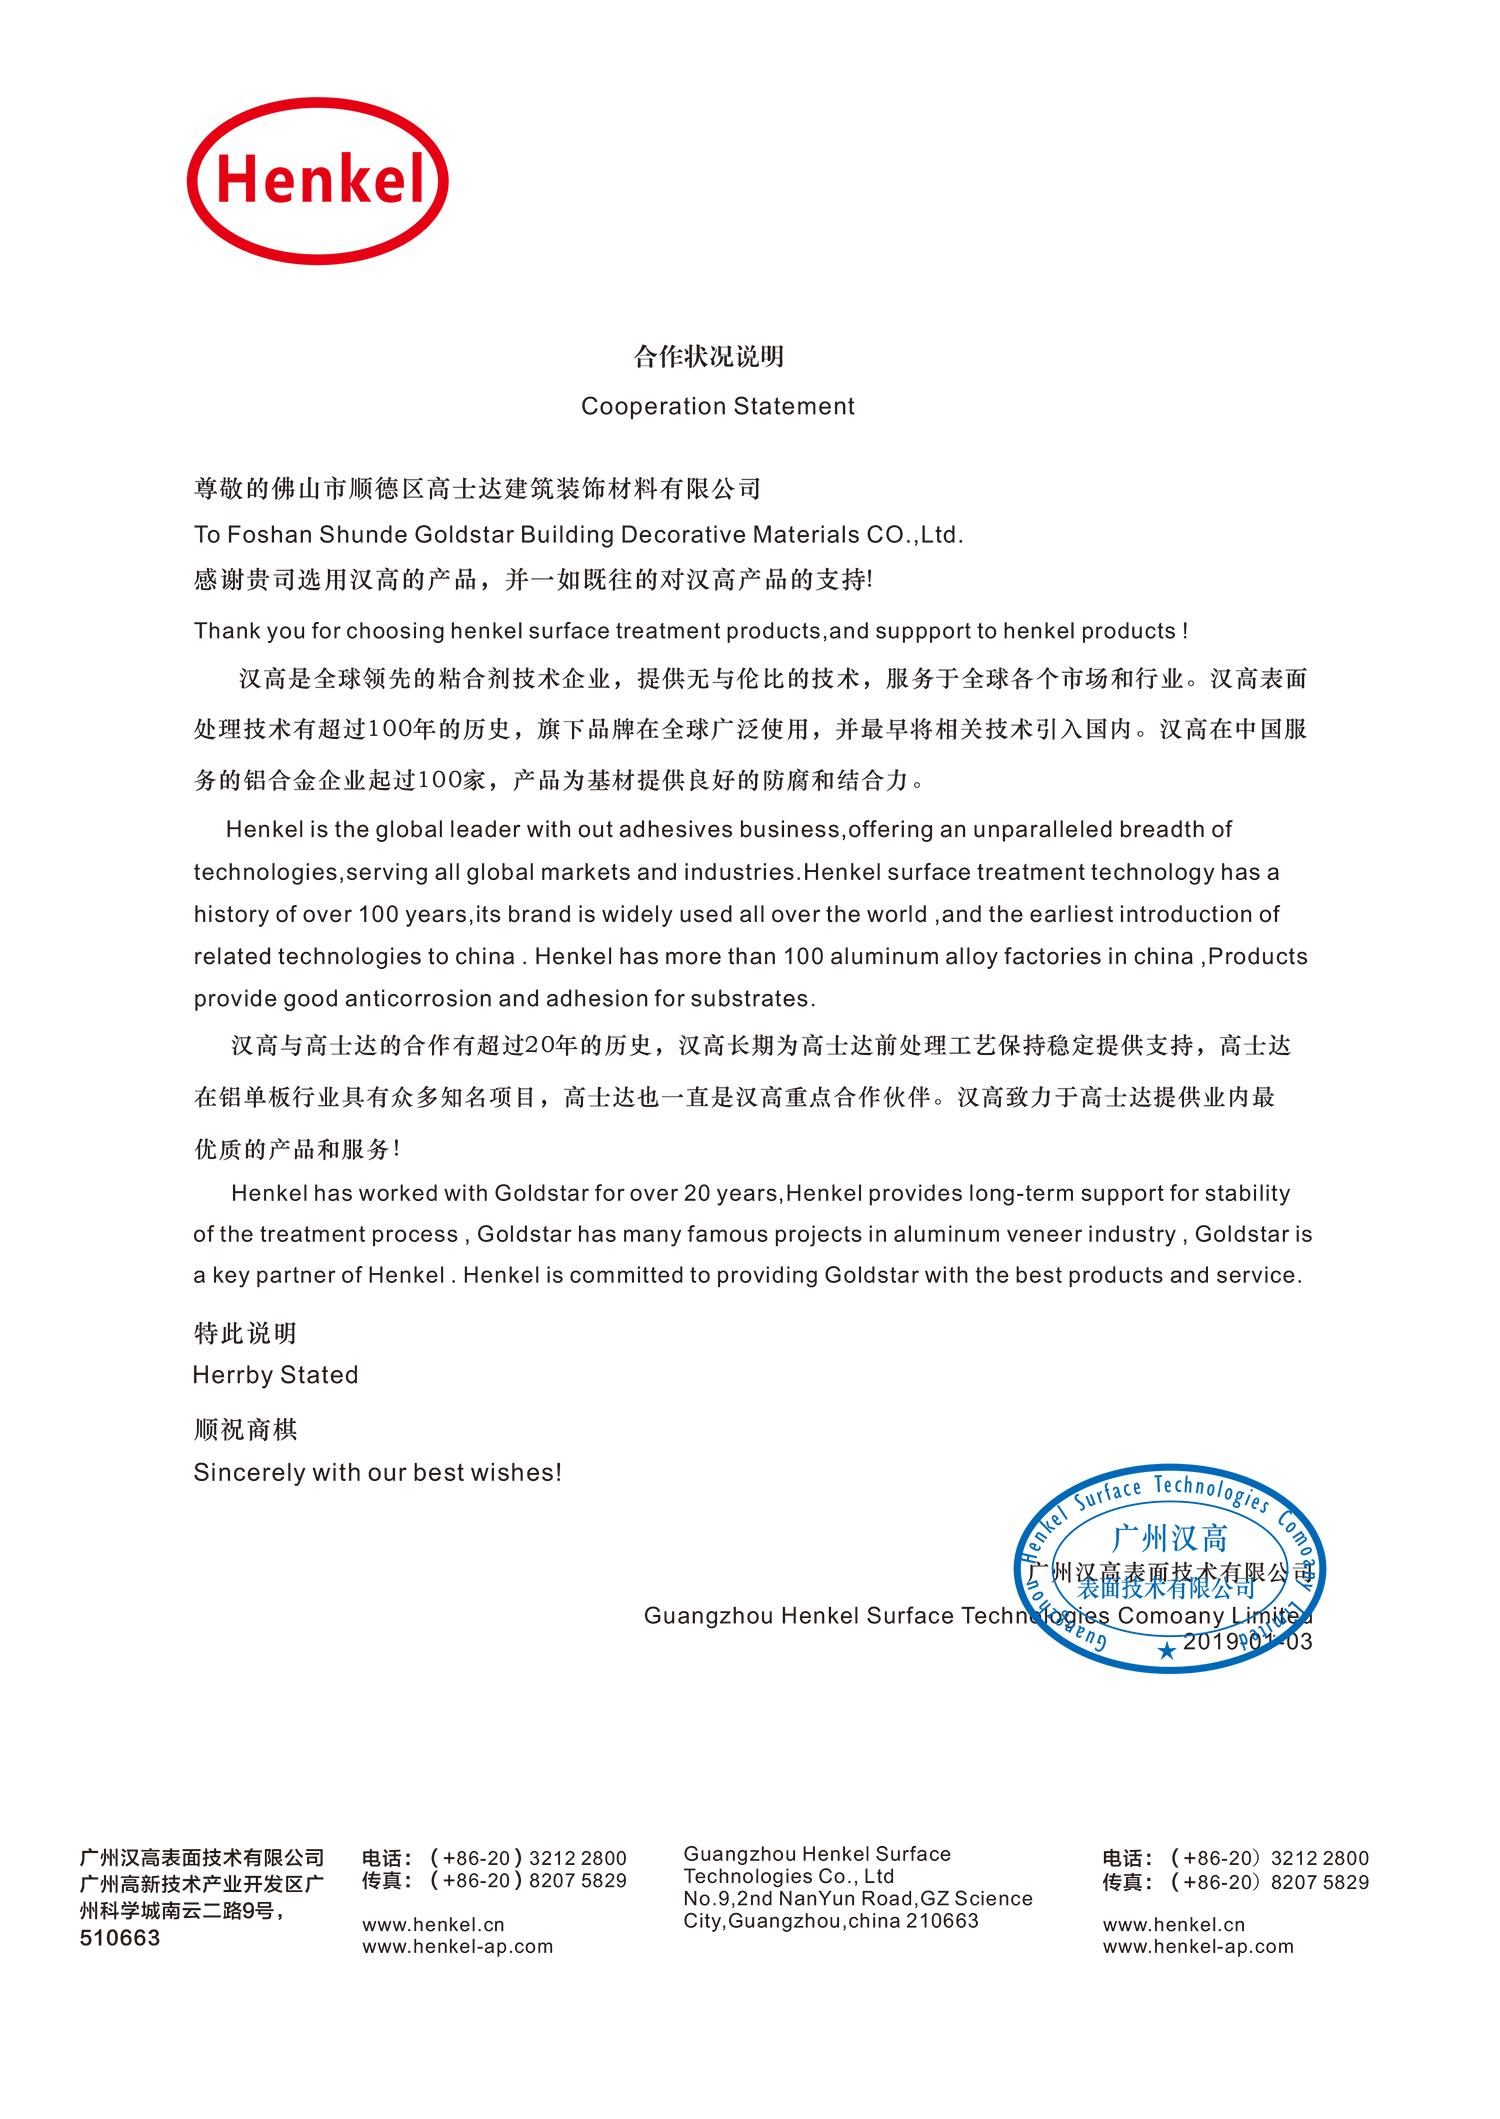 汉高与亚搏官方app下载合作状况说明2019